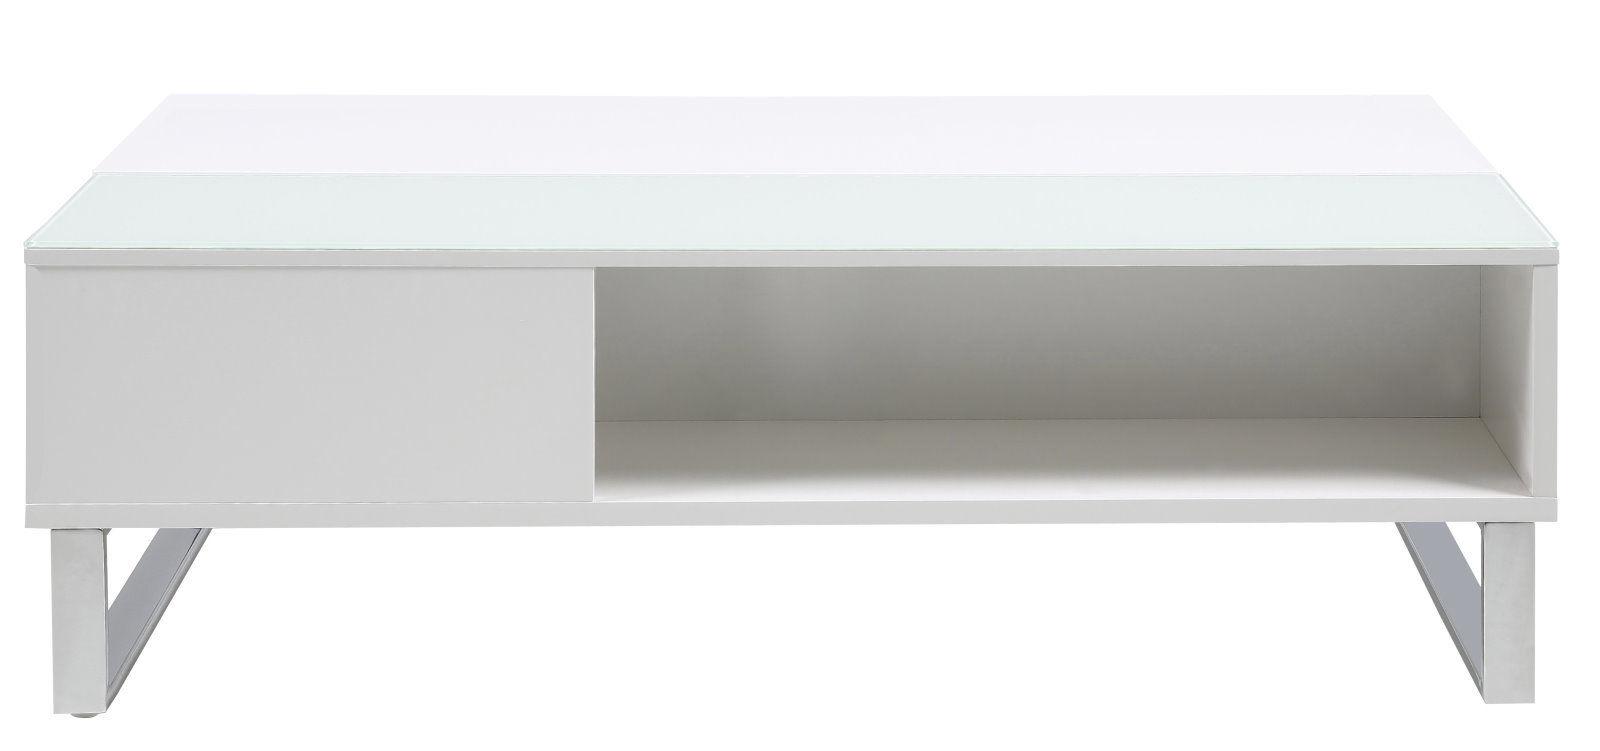 pkline couchtisch beistelltisch wohnzimmertisch holztisch wei hebefunktion m bel wohnen. Black Bedroom Furniture Sets. Home Design Ideas